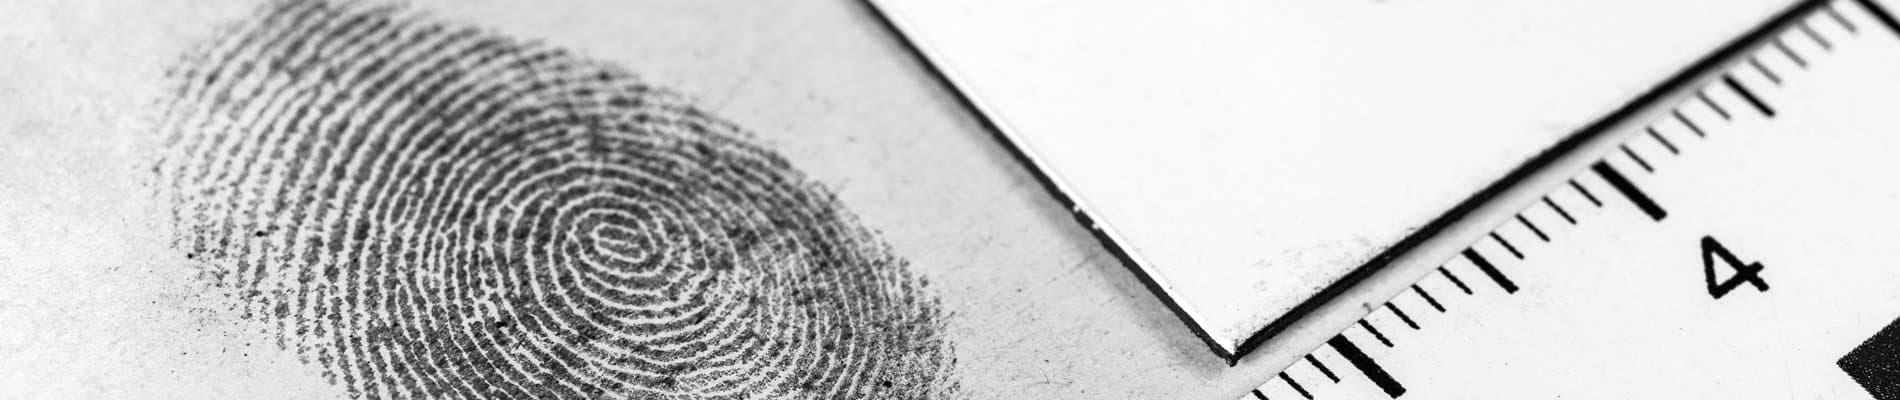 Criminología-investigador privado